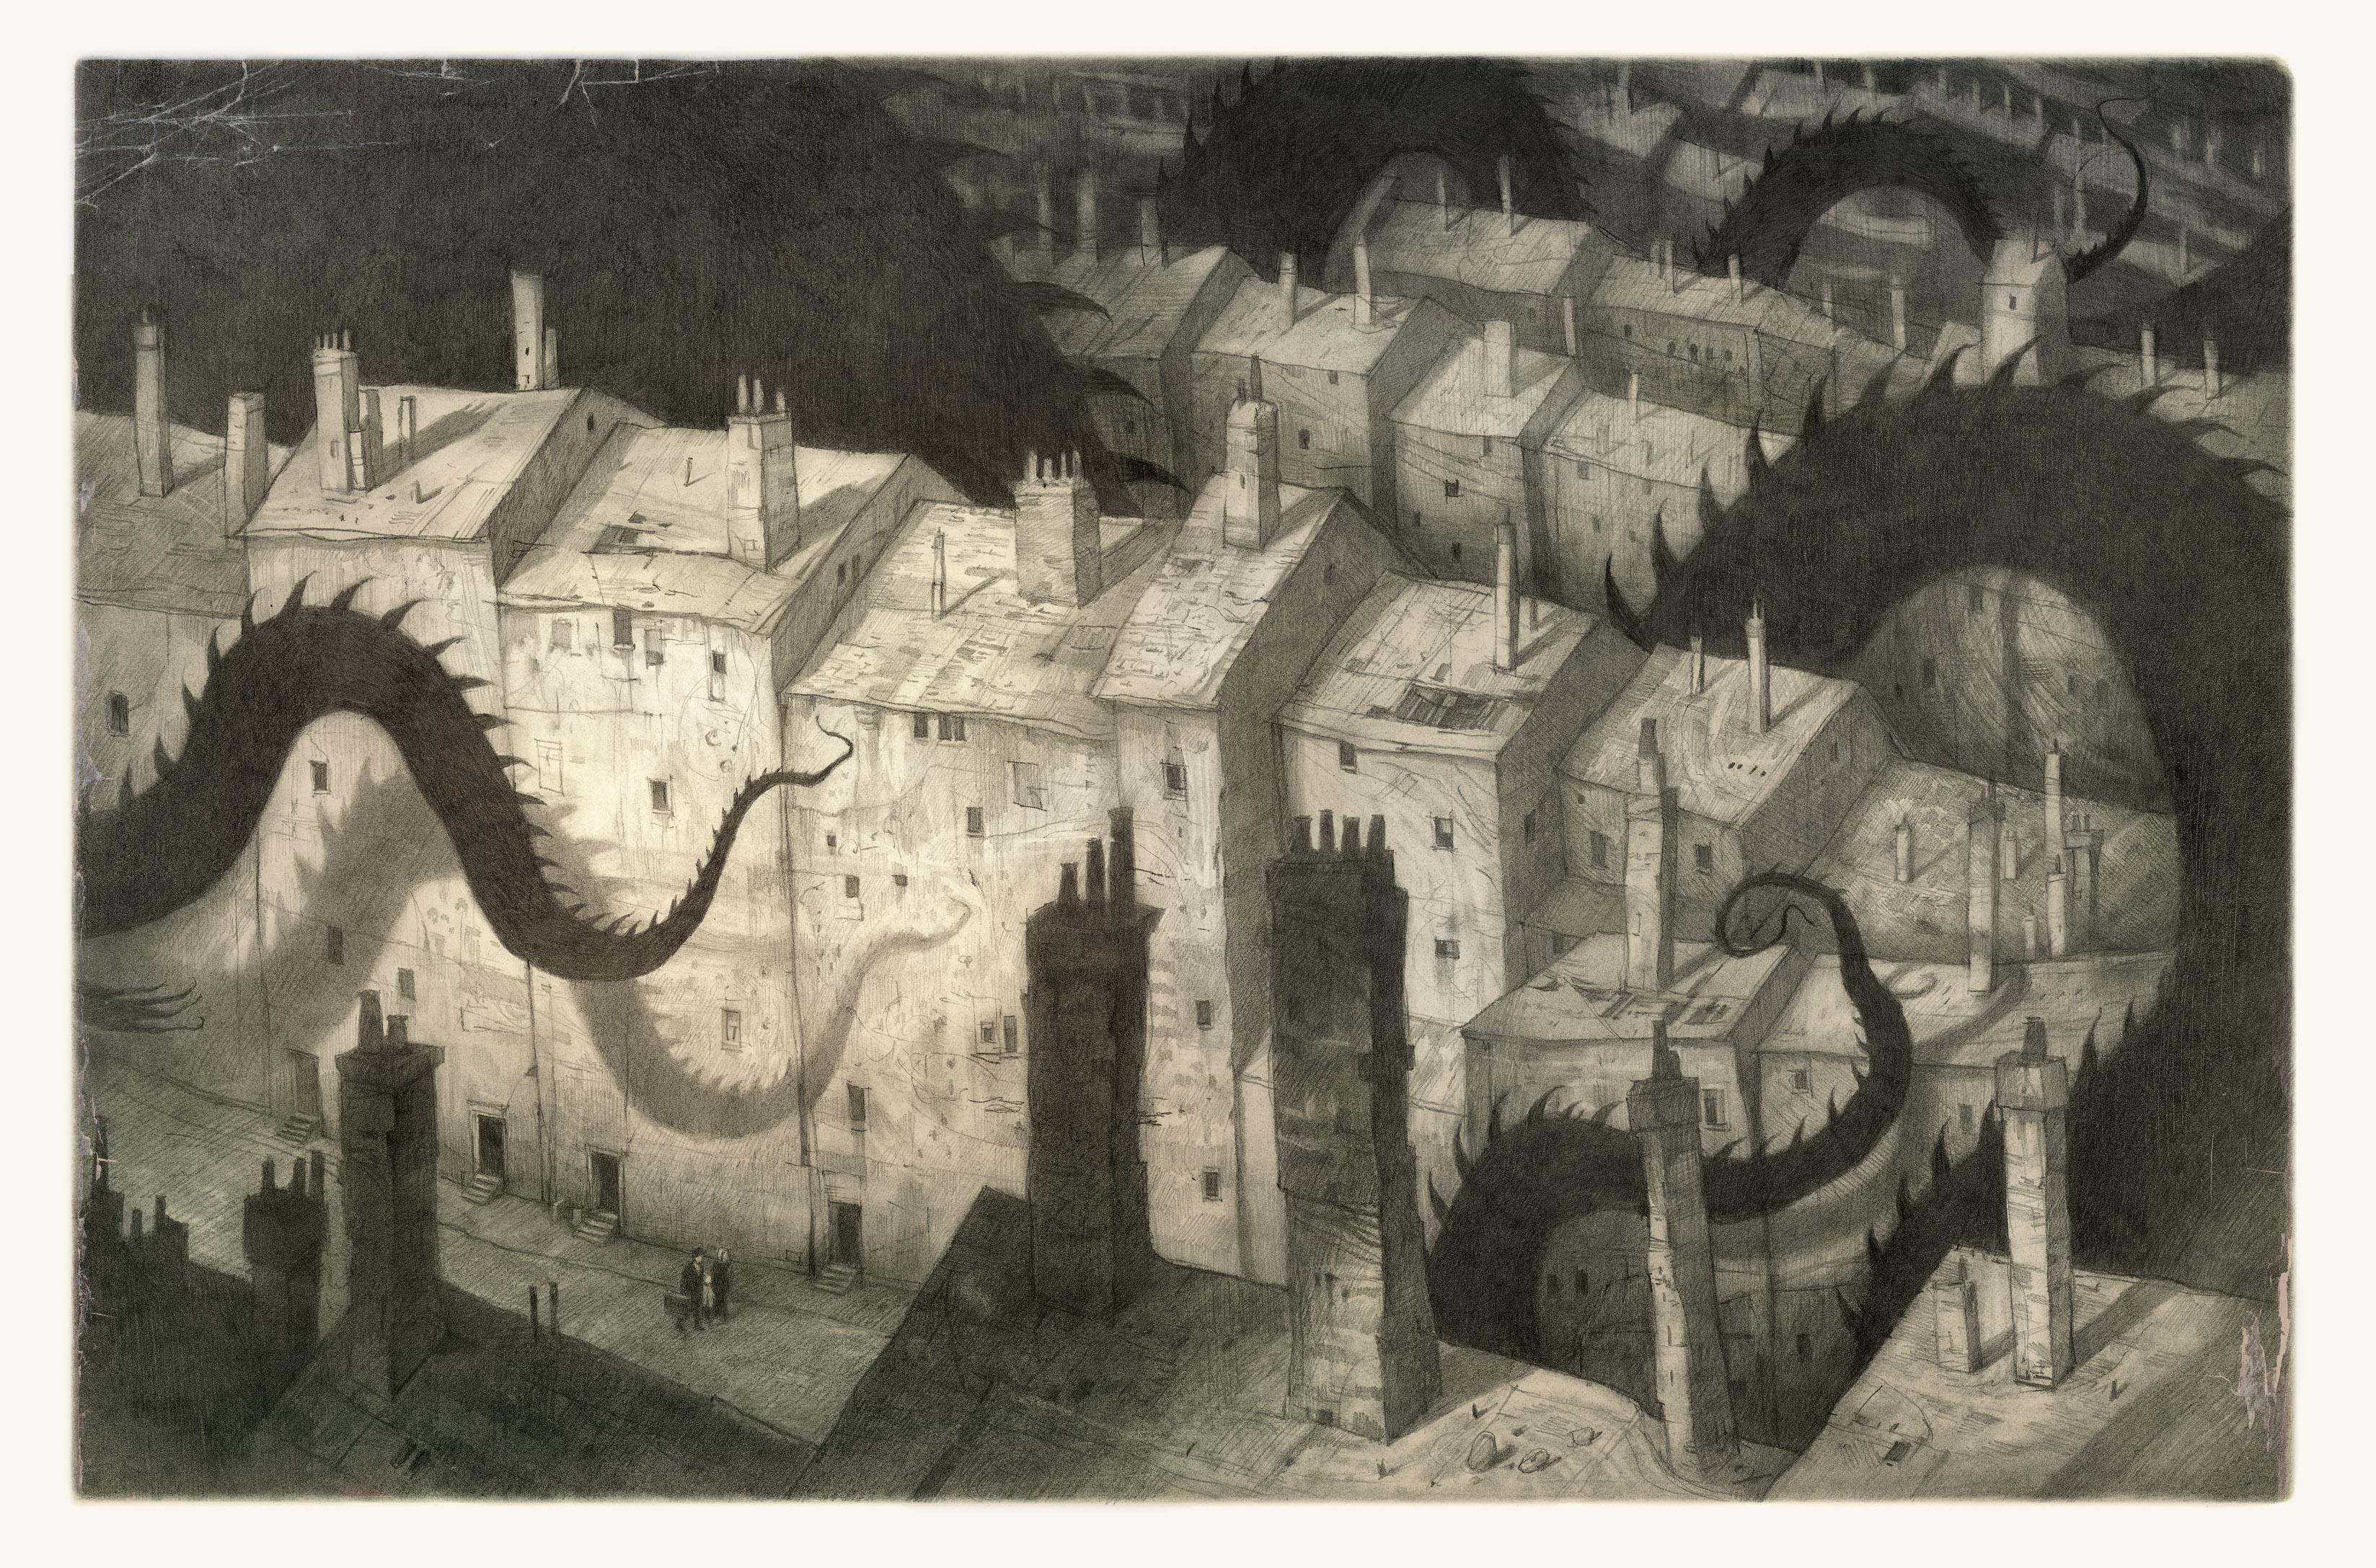 Графический роман The Arrival Шона Тэна стал для Галанина отправкой точкой при создании The Franz Kafka Videogame. «Мне показалось, что достаточно будет перенести все, что происходит в книге, в игру. Но чем больше я брал материала из произведений Кафки, тем меньше оставалось в игре от The Arrival».